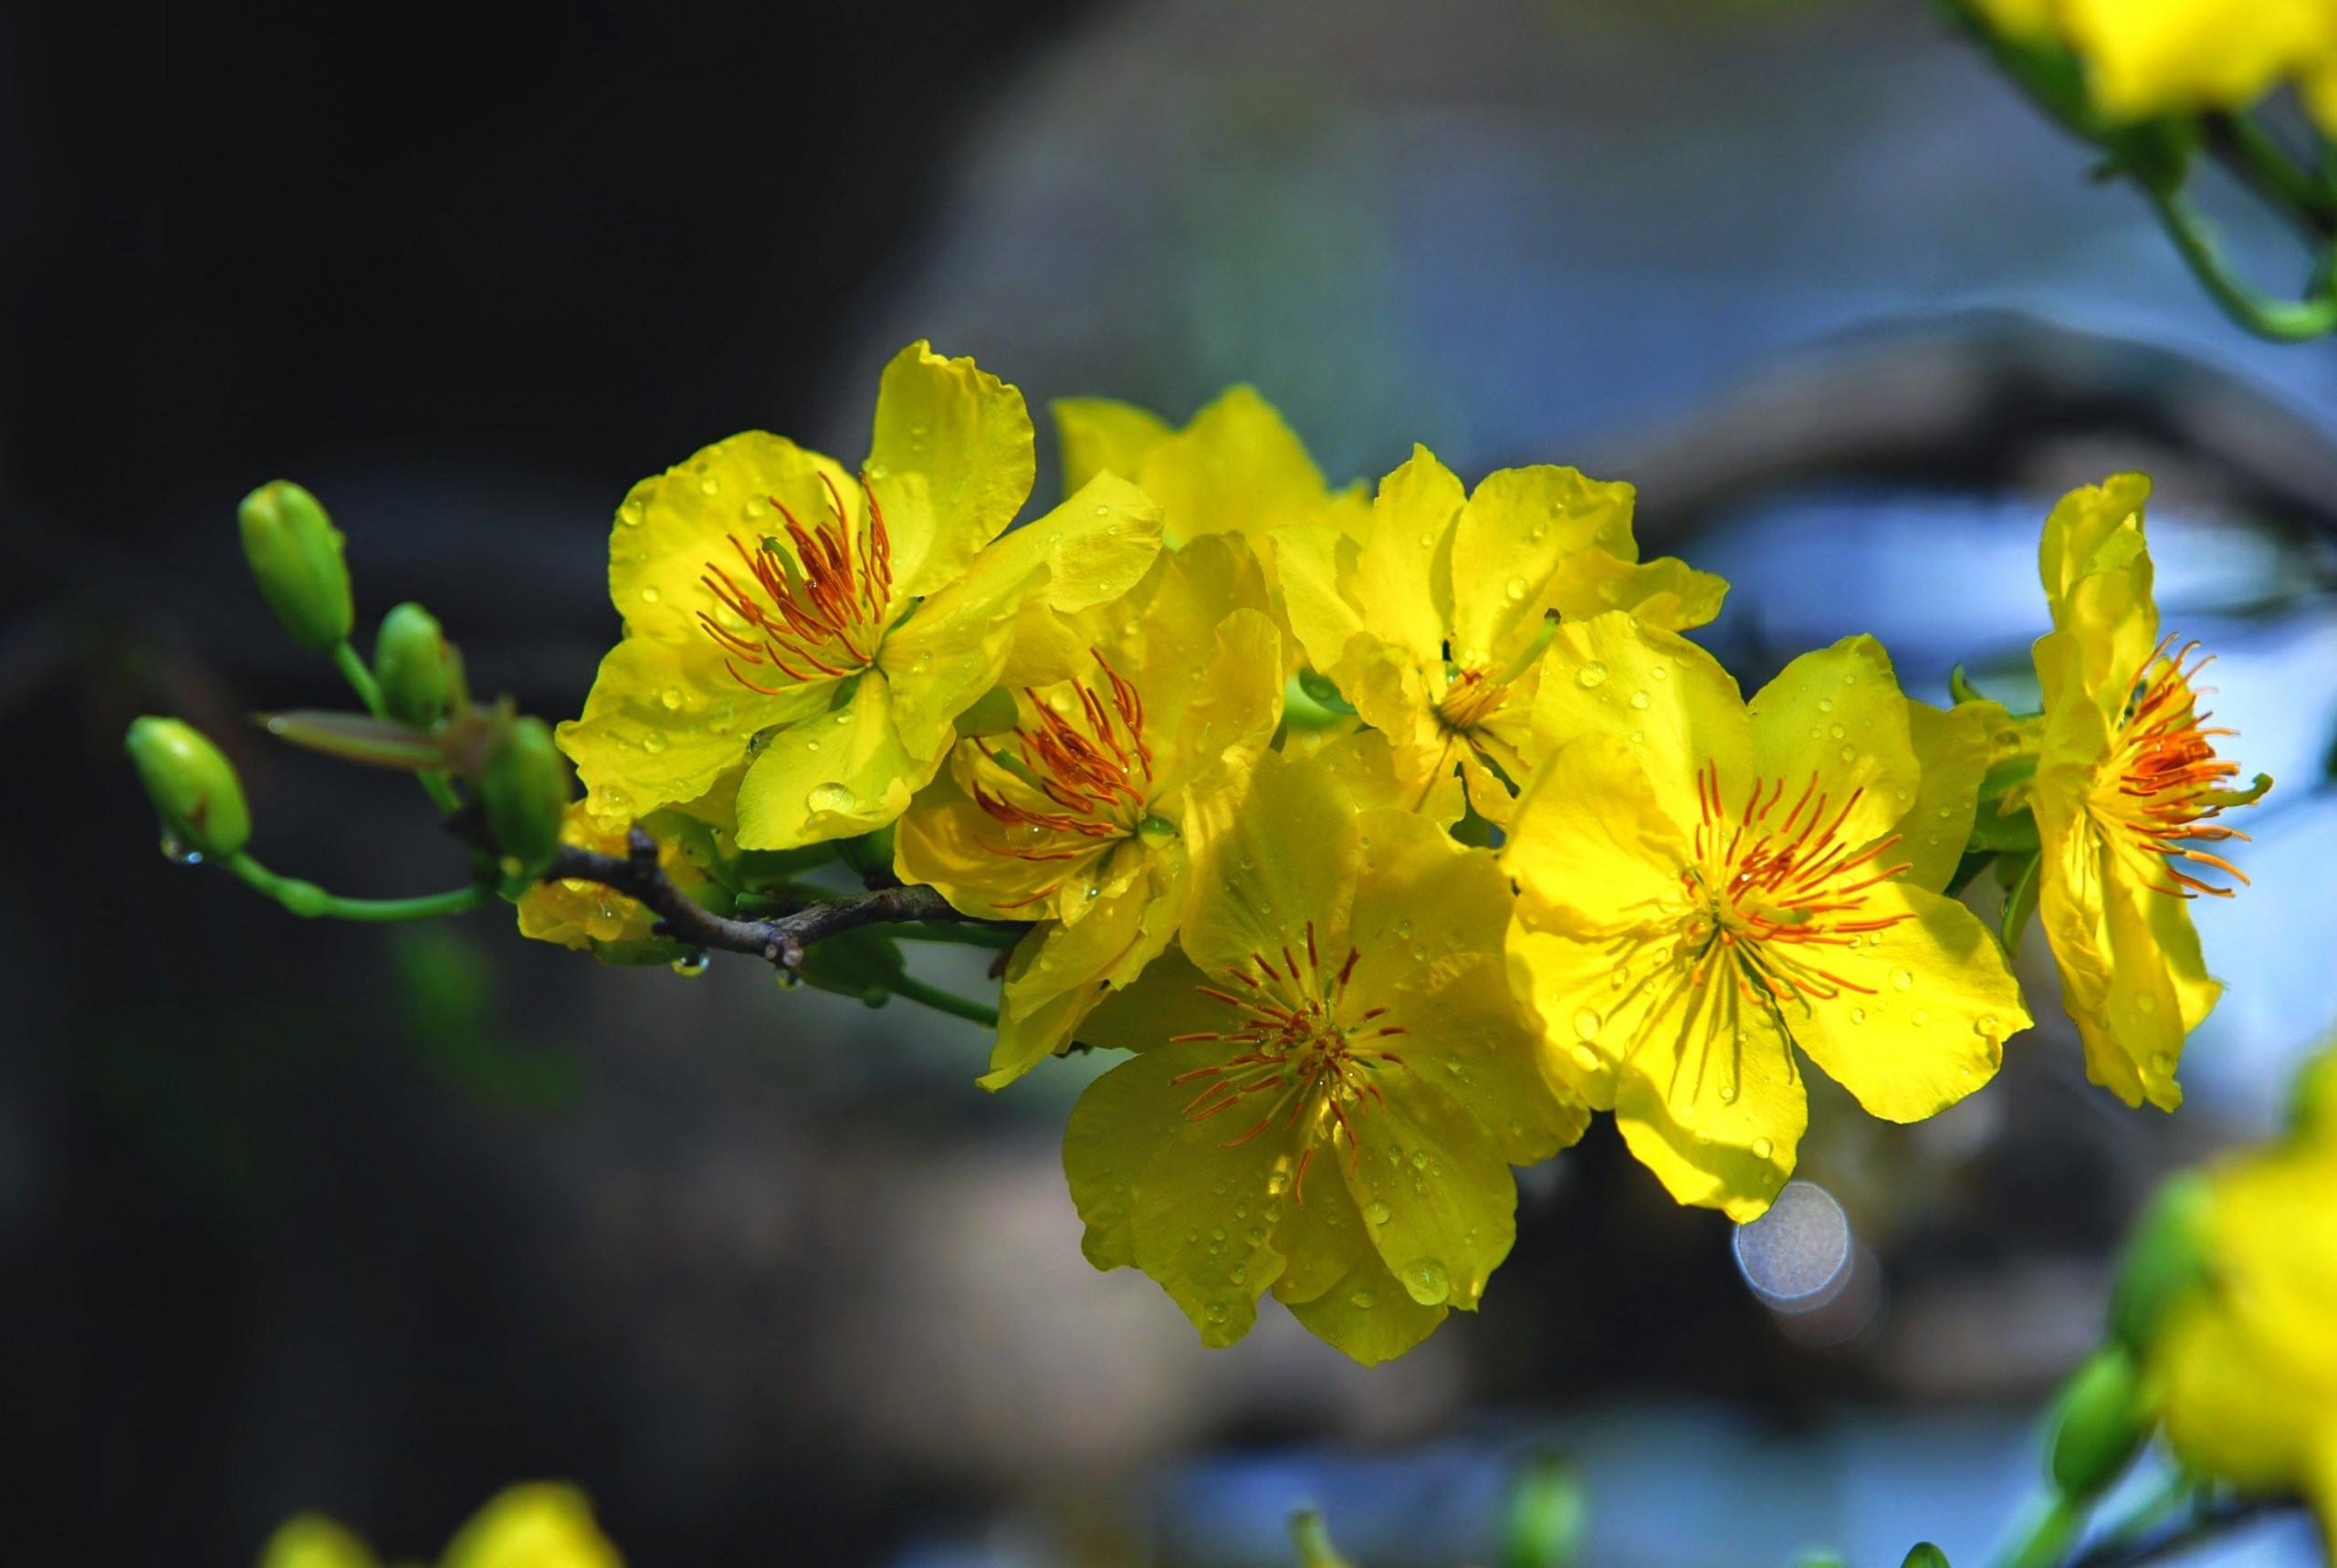 hình nền hoa mai full hd